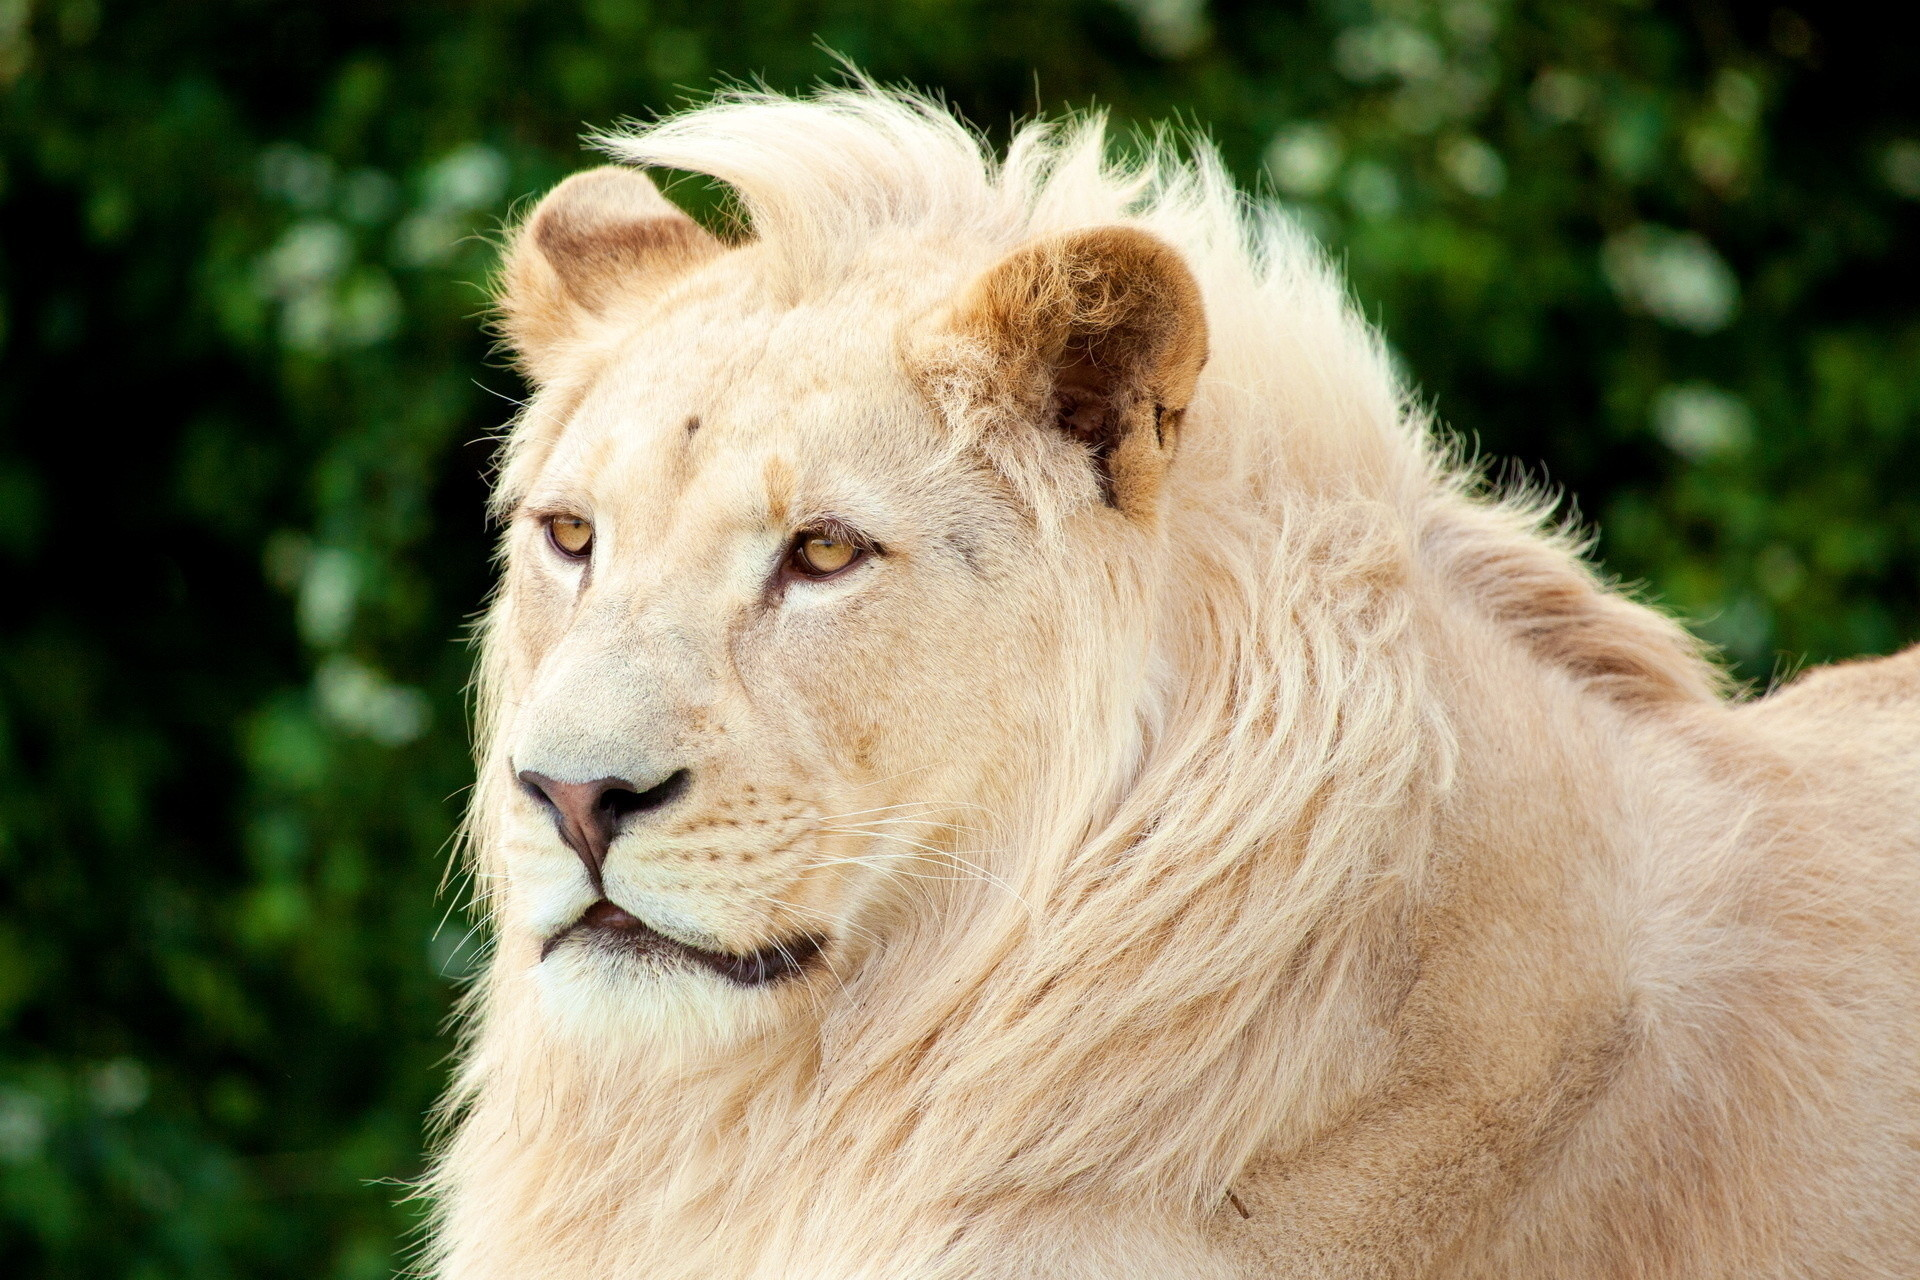 Lion Face Wallpaper 68 Images